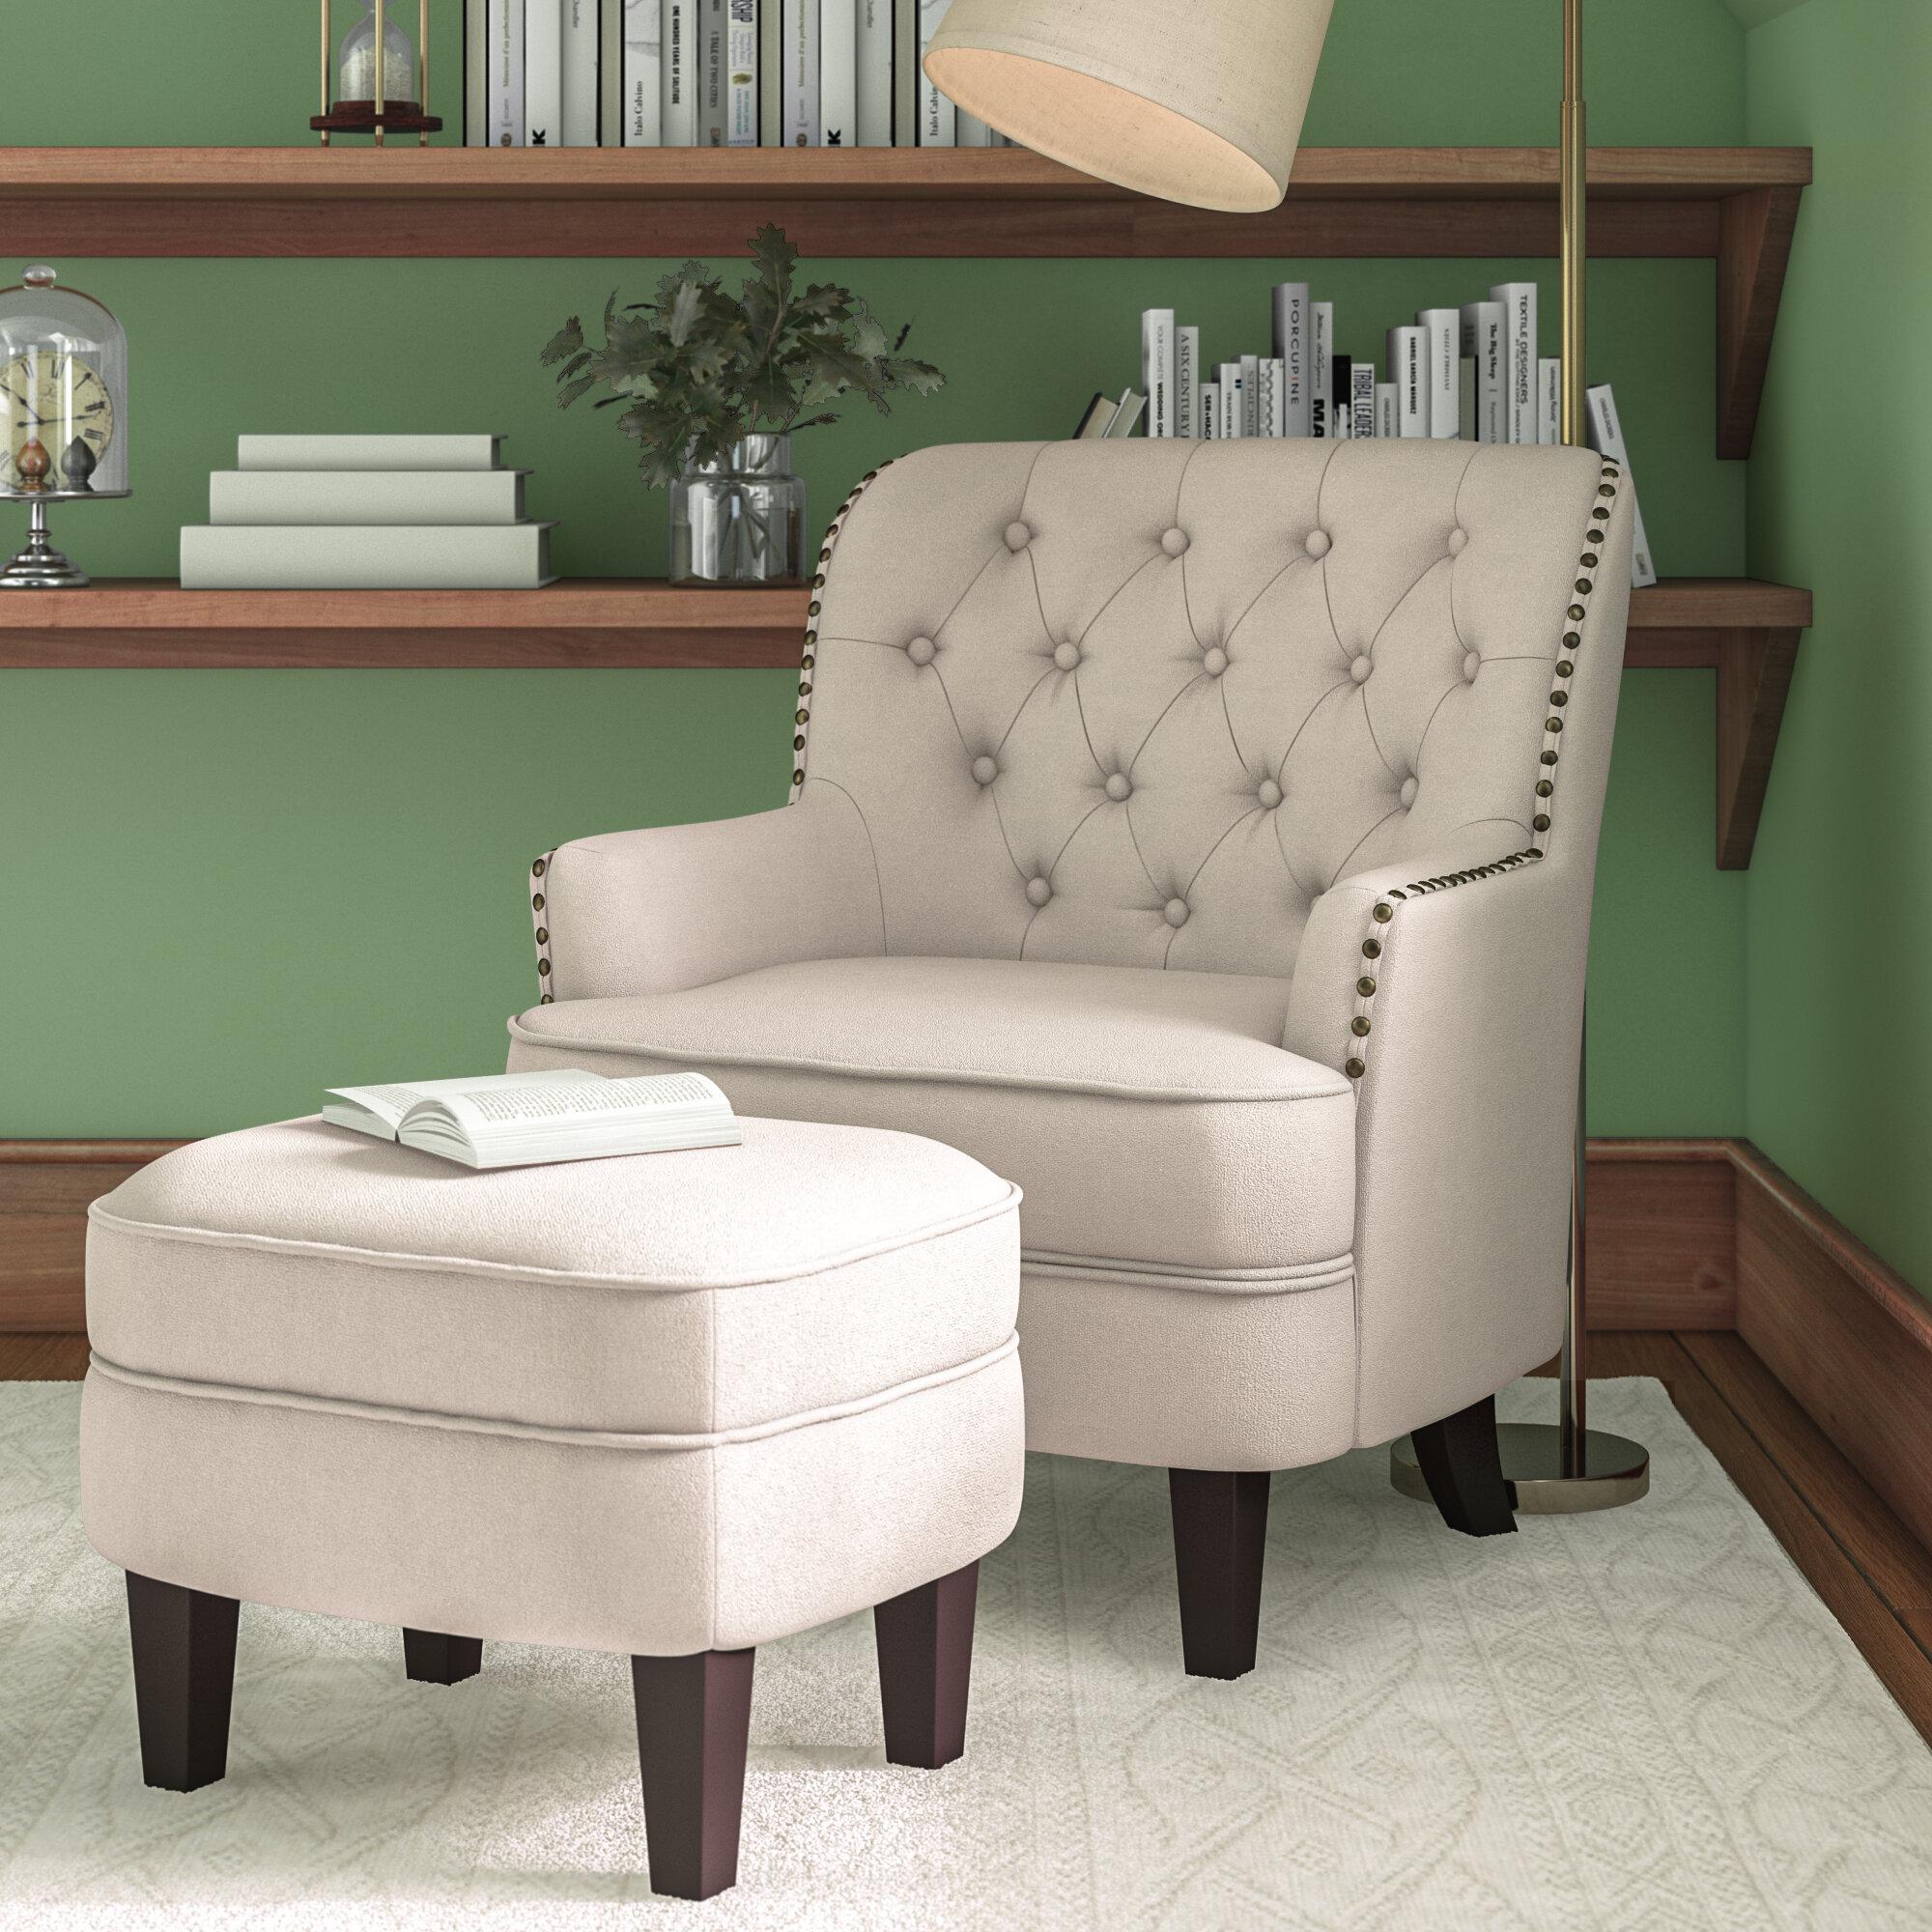 Velvet Chairs Free Shipping Over 35 Wayfair